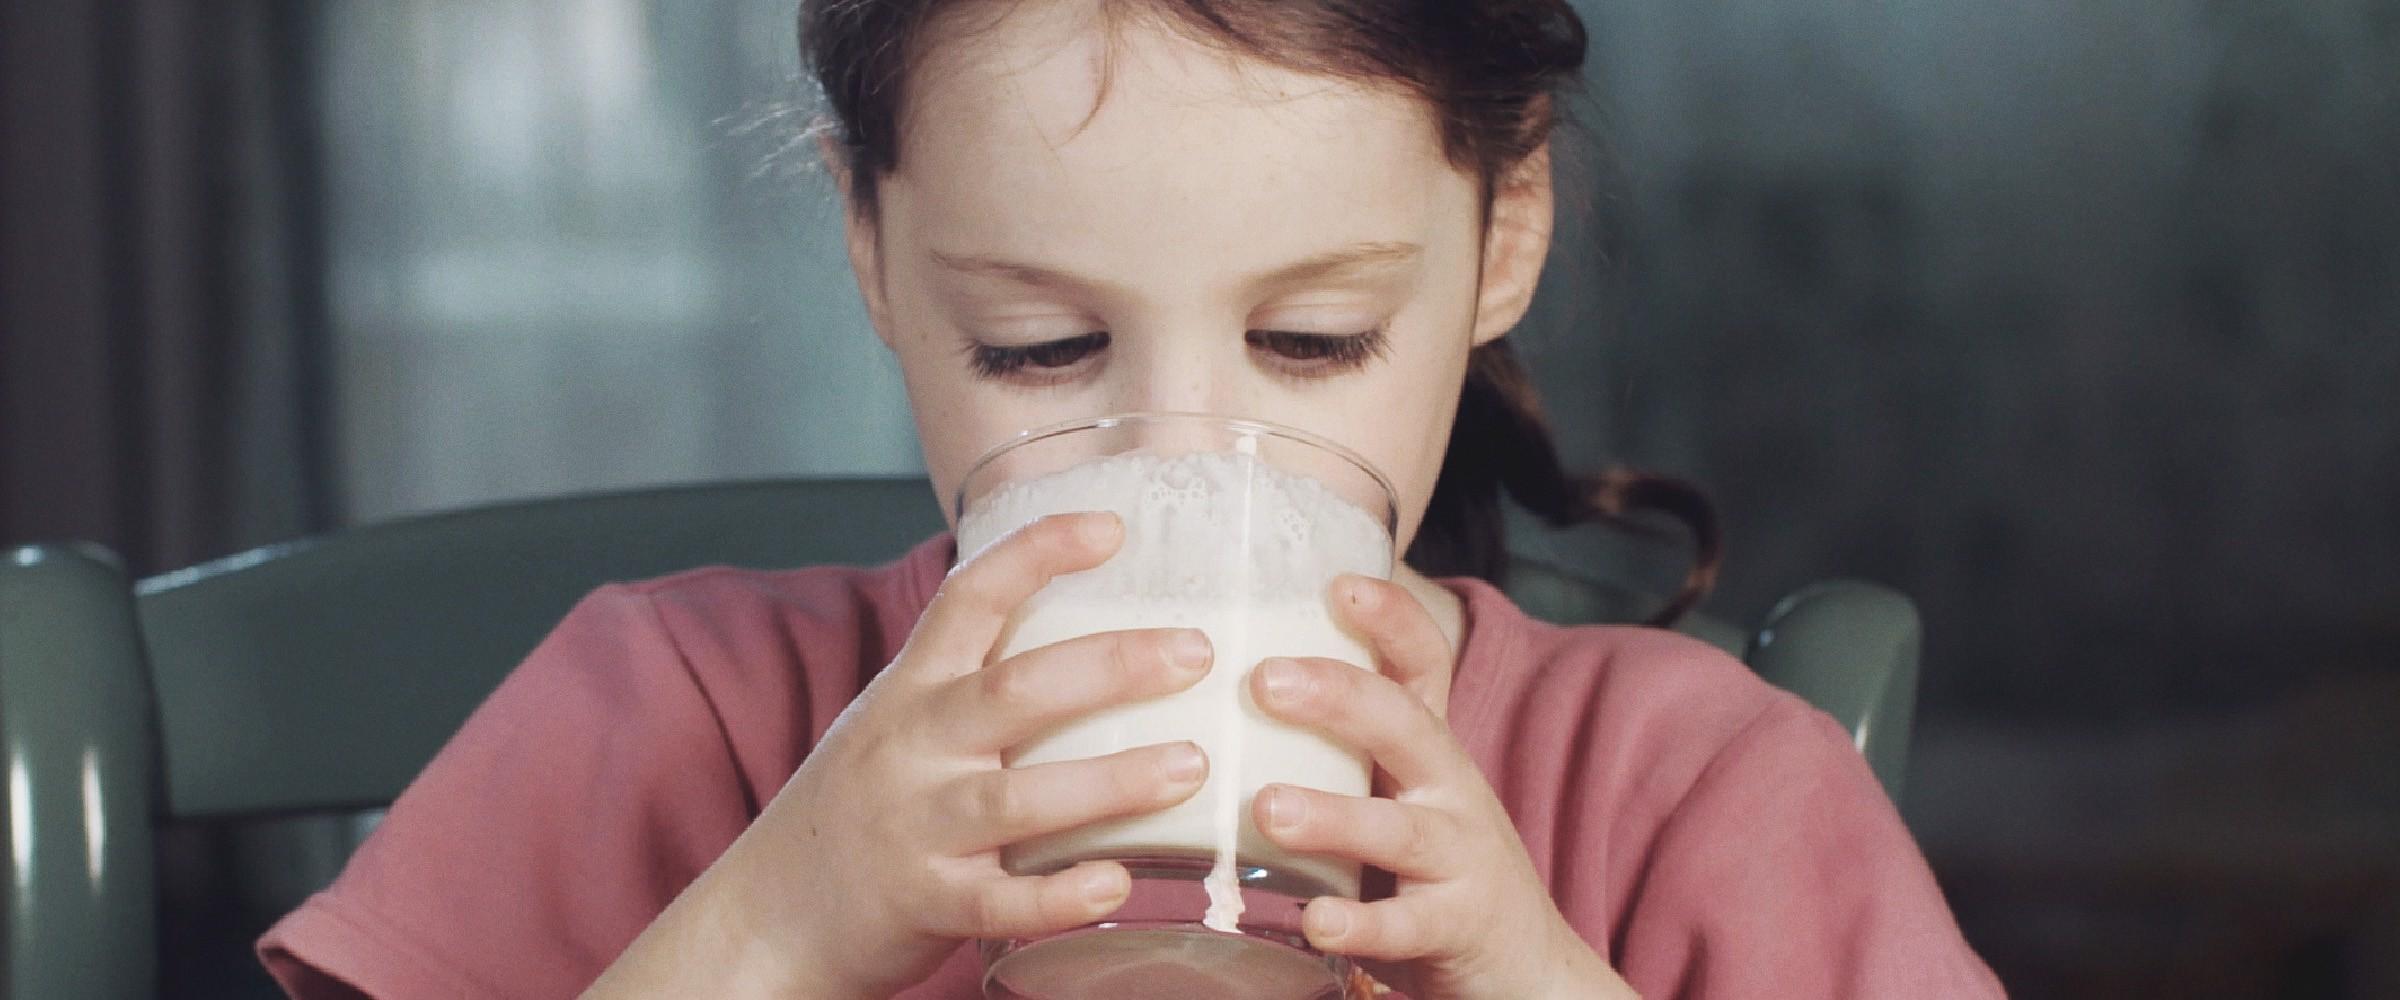 Er mælk bæredygtigt?